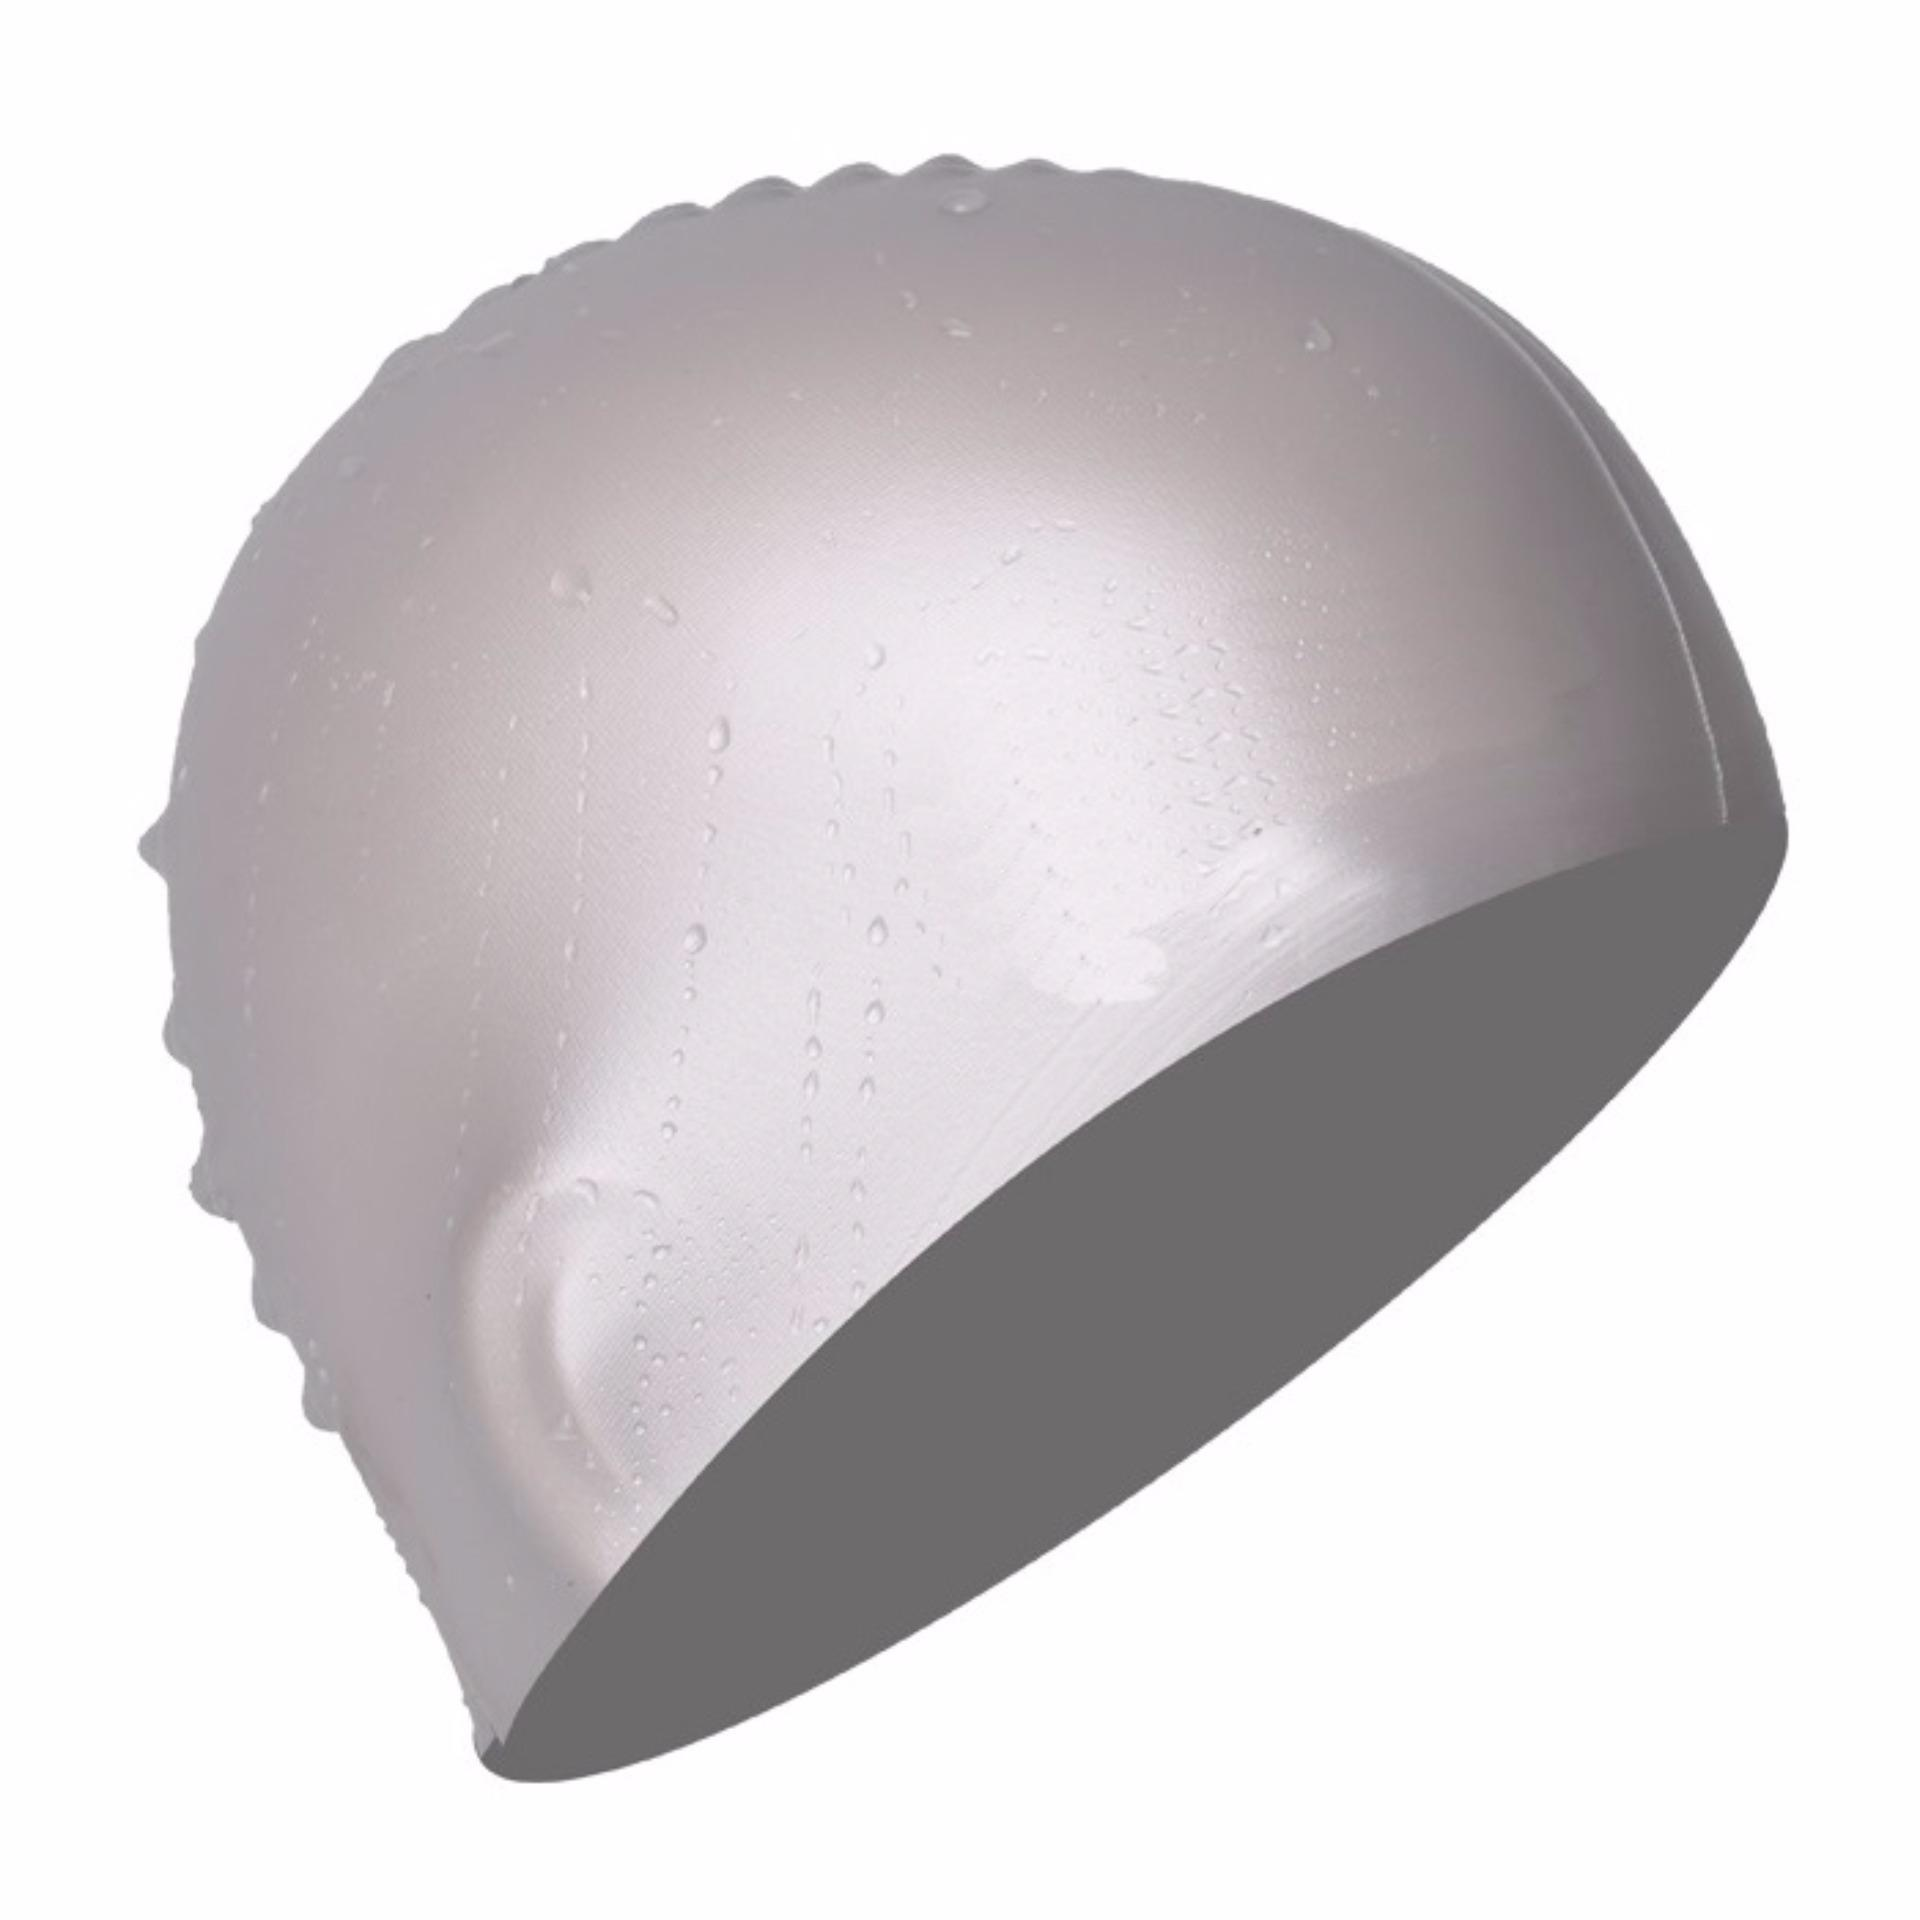 Nón bơi mũ bơi trơn silicone chống thống nước cao cấp CA31 POPO Collection 25